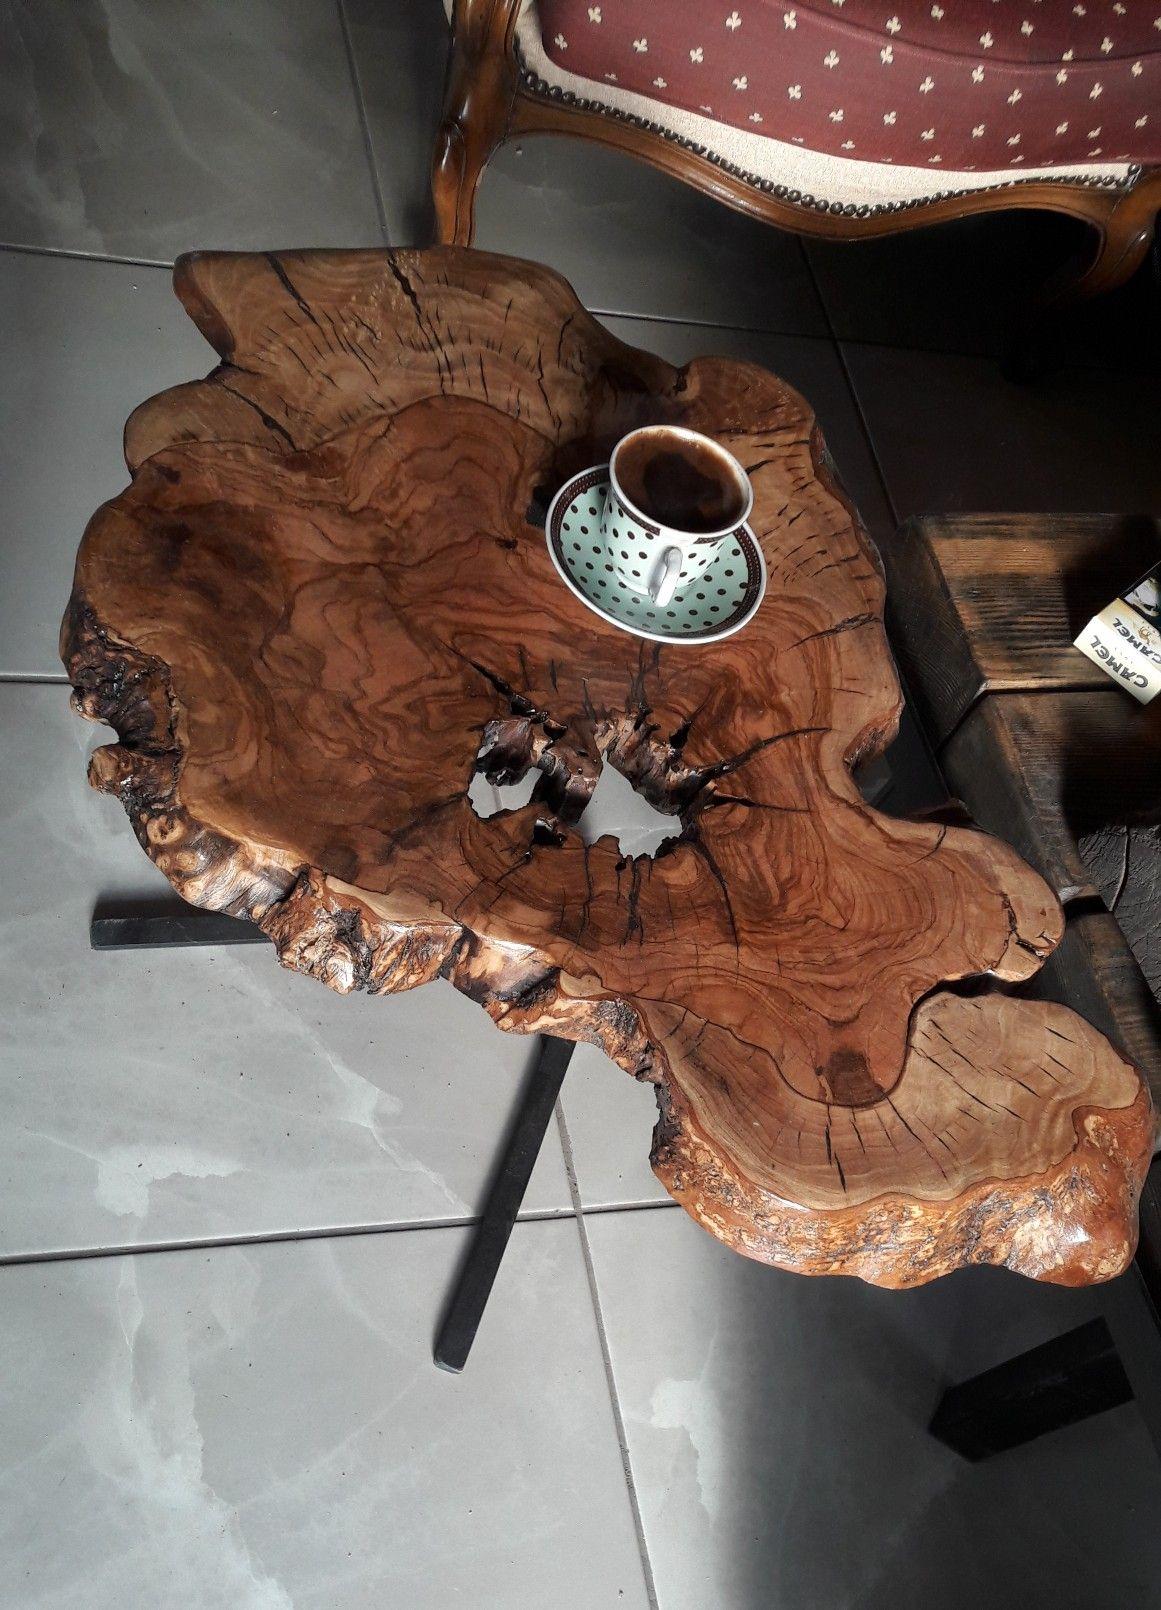 Fesselnd Wohnzimmer, Treibholz Tisch, Treibholz Arbeiten, Holz Kreationen, Holz  Ideen, Akzent Tische, Holzprojekte, Natürliches Holz, Stühle, Garten,  Rustikales Holz ...